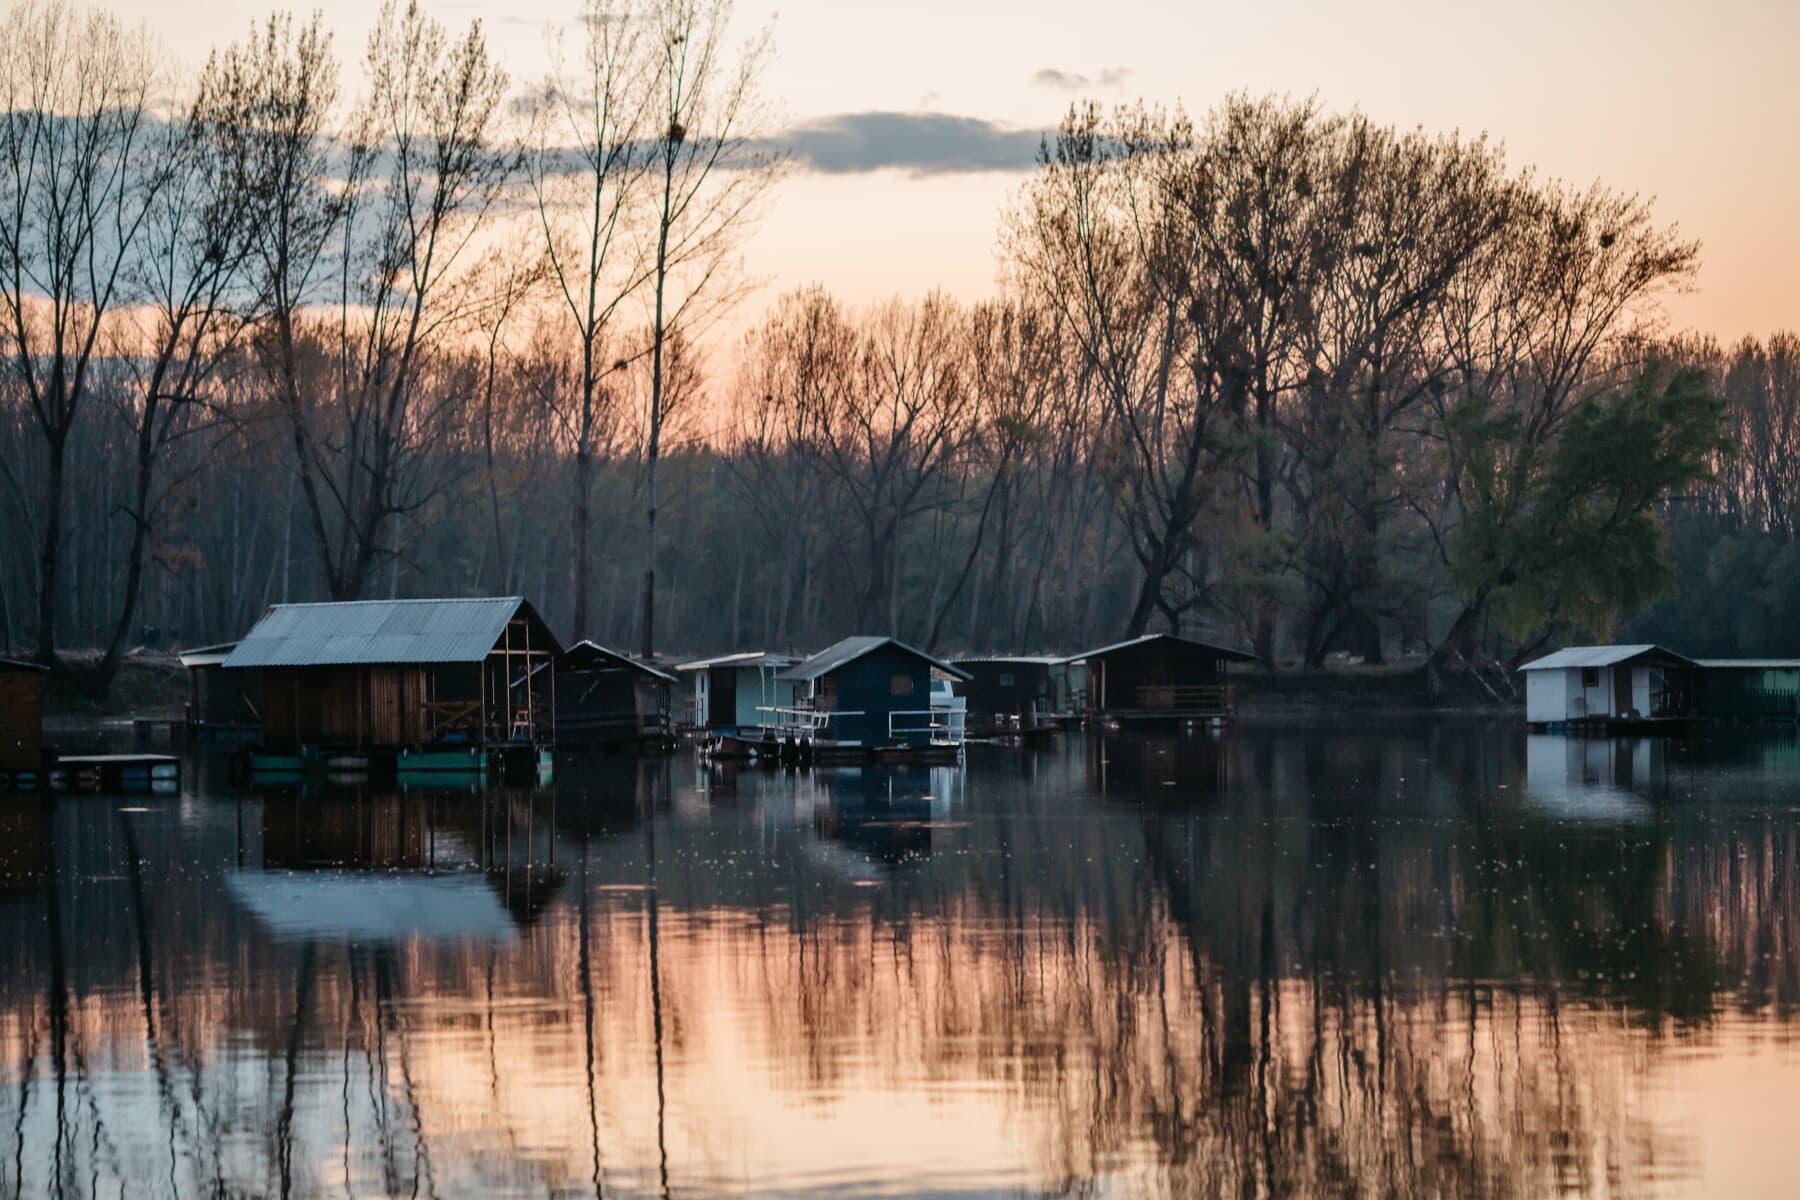 eau, hangar, Lac, réflexion, bâtiment, remise à bateaux, rivière, paysage, maison, nature